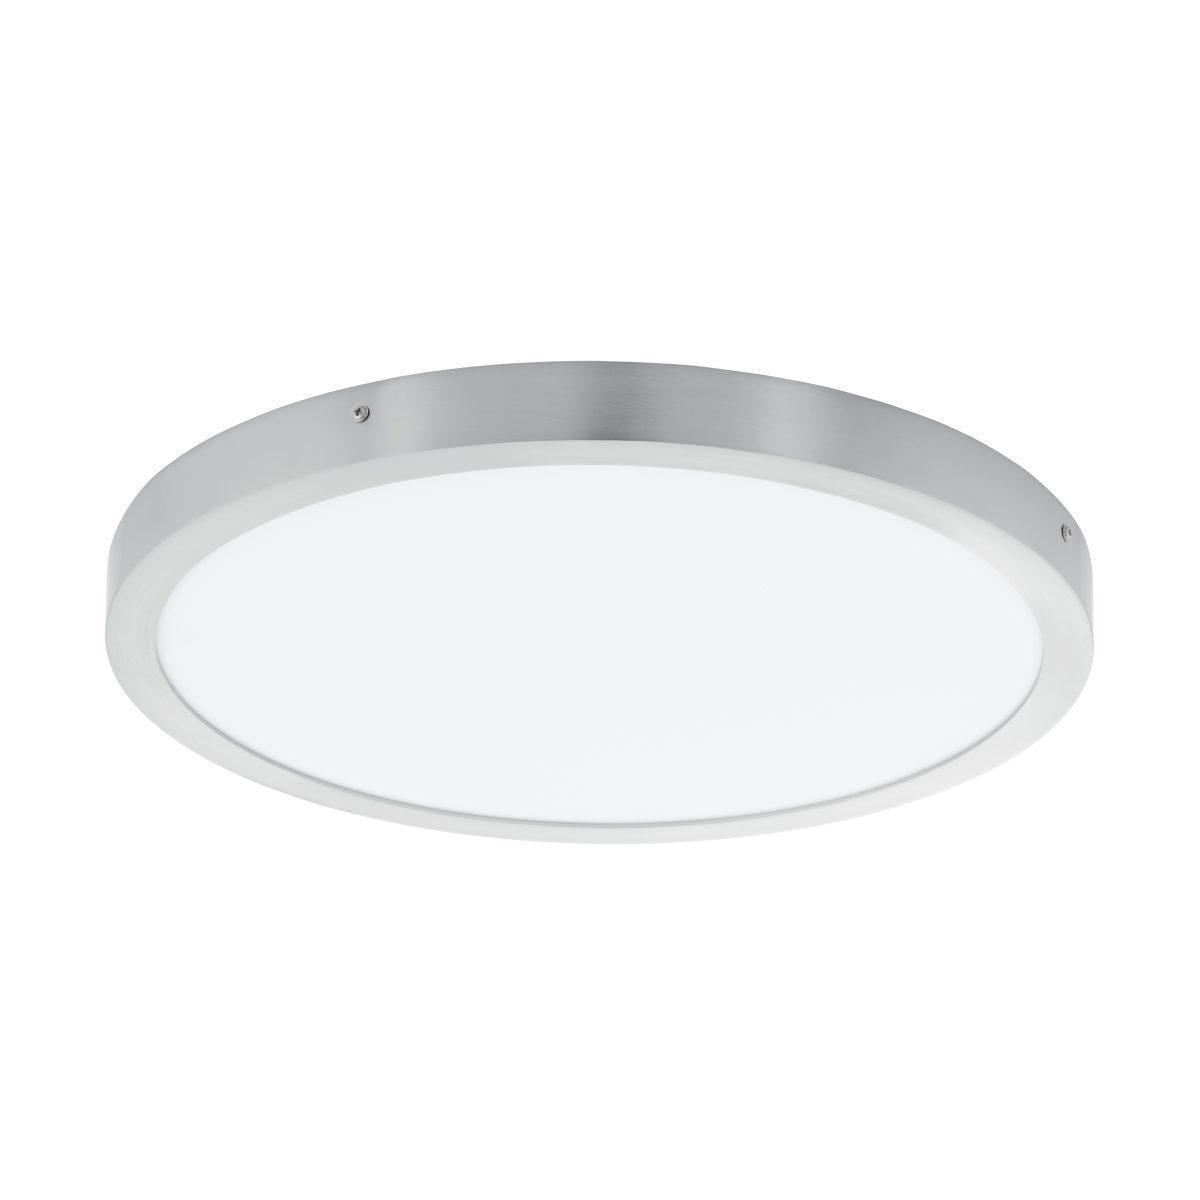 Светильник настенно-потолочный FUEVA 1 EGLO 97276 - Фото №28